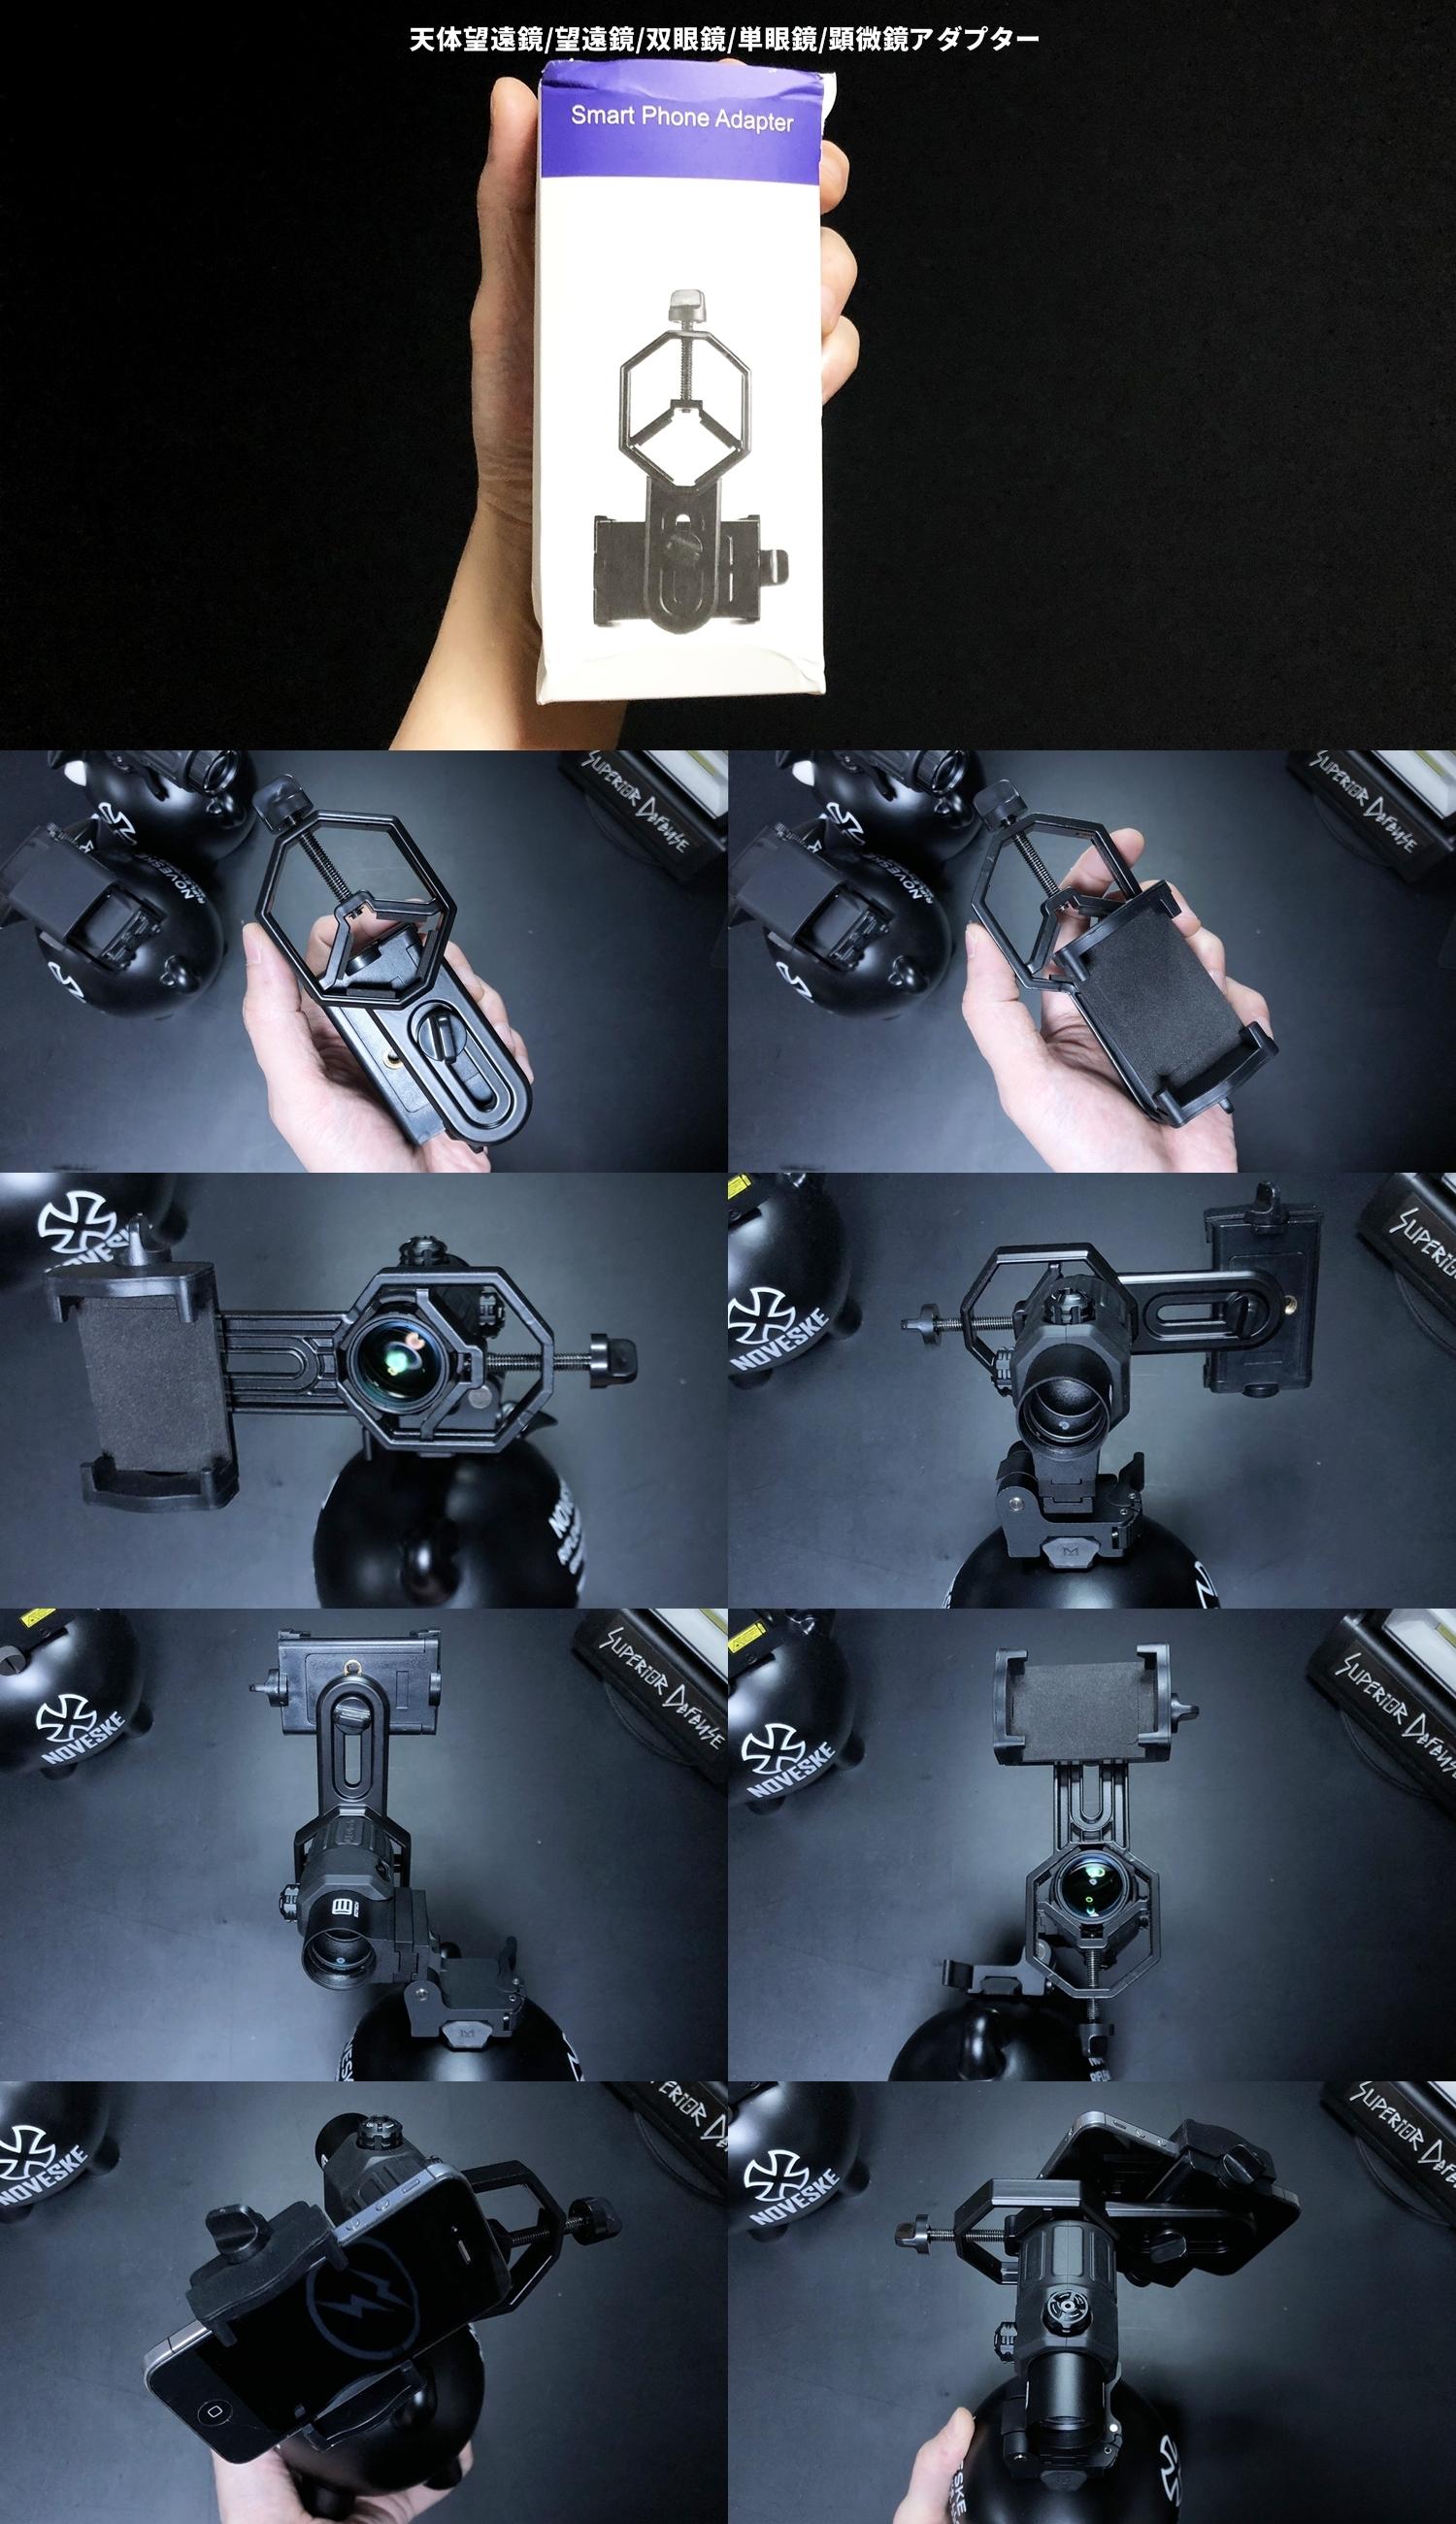 8 EVOLUTION GEAR EOTech G33 MAGNIFIER!! エボギア 3倍 ブースター マグニファイア買ってみた!! 高品質6枚レンズの実力は如何に! 開封 検証 取付 レビュー!! したるの巻!!